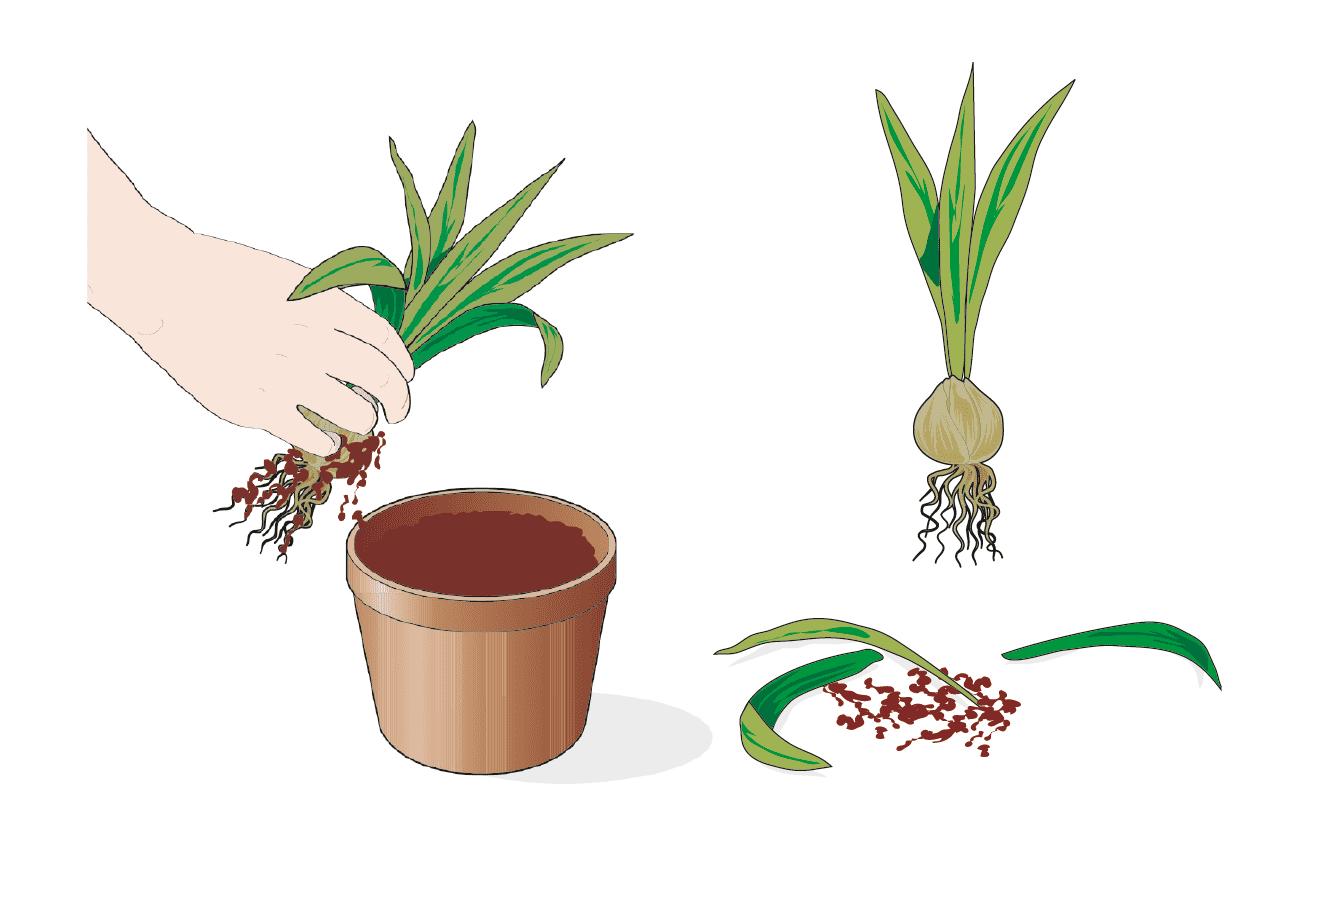 Che Cosa Sono I Bulbi tulipani sfioriti: estrarre i bulbi dal terreno e